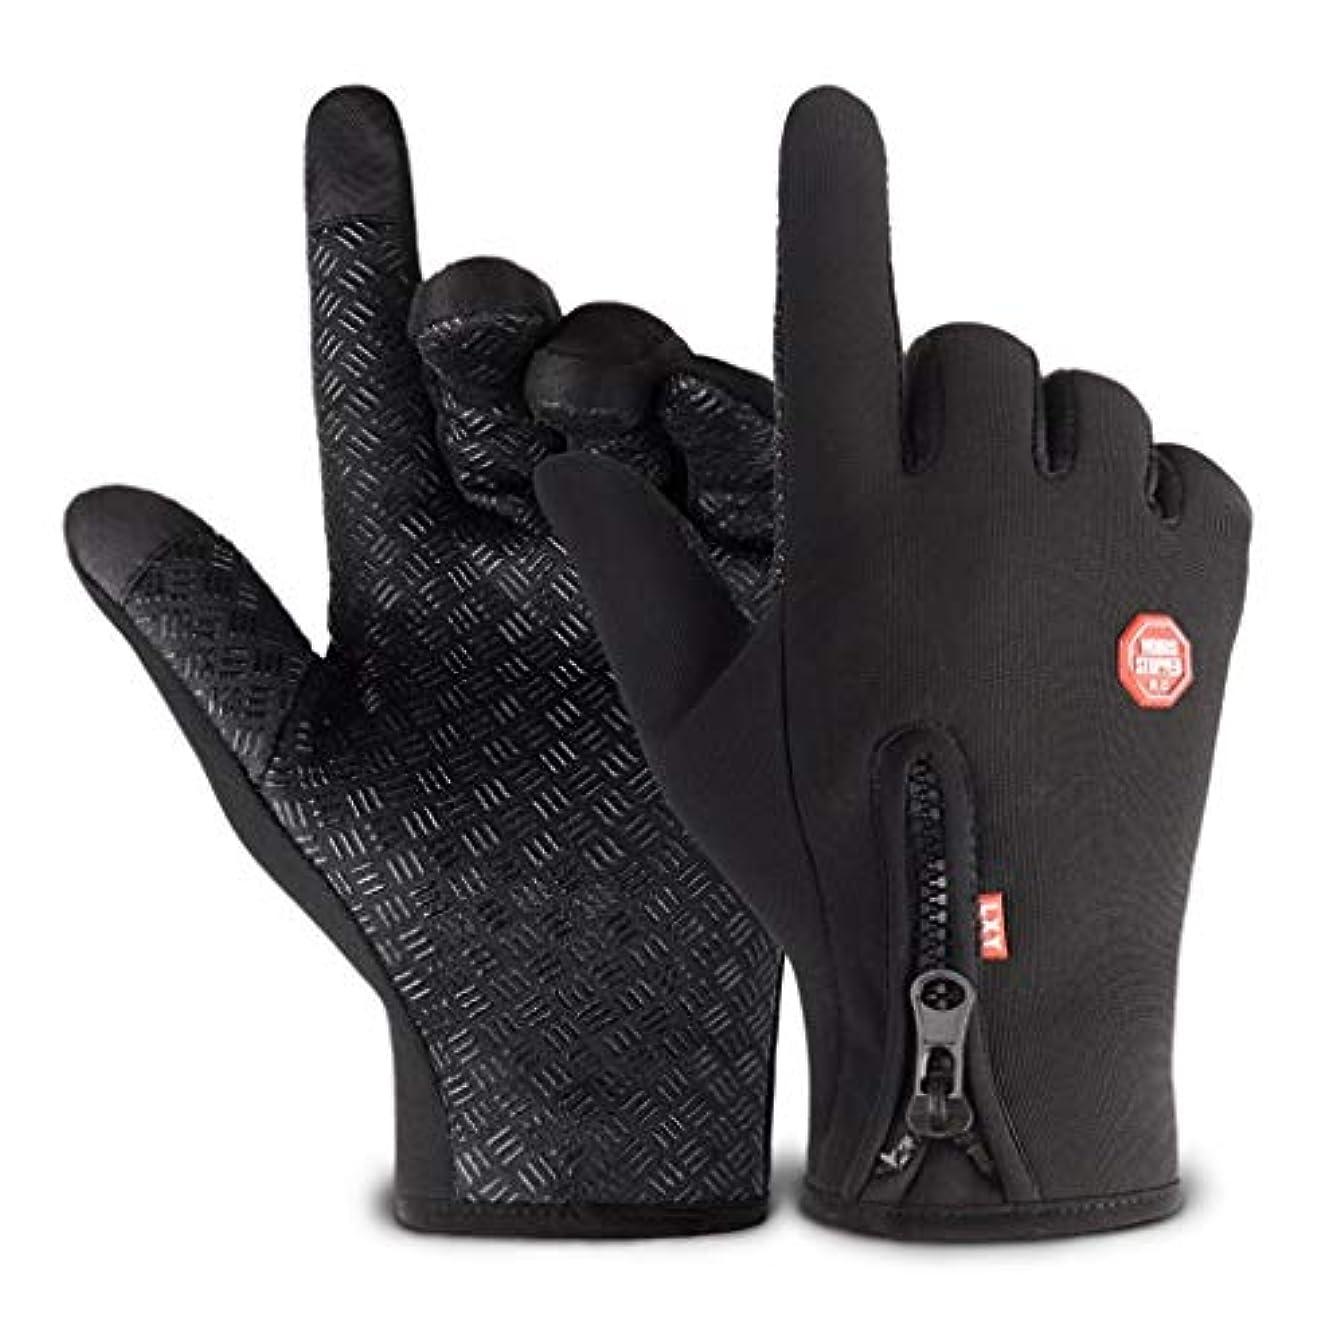 何マーティフィールディング登録手袋男性の秋と冬の自転車電動バイクの女性のタッチスクリーン全天候防風ノンスリップ暖かいコールドプラスベルベット弾性手袋ワンサイズ黒